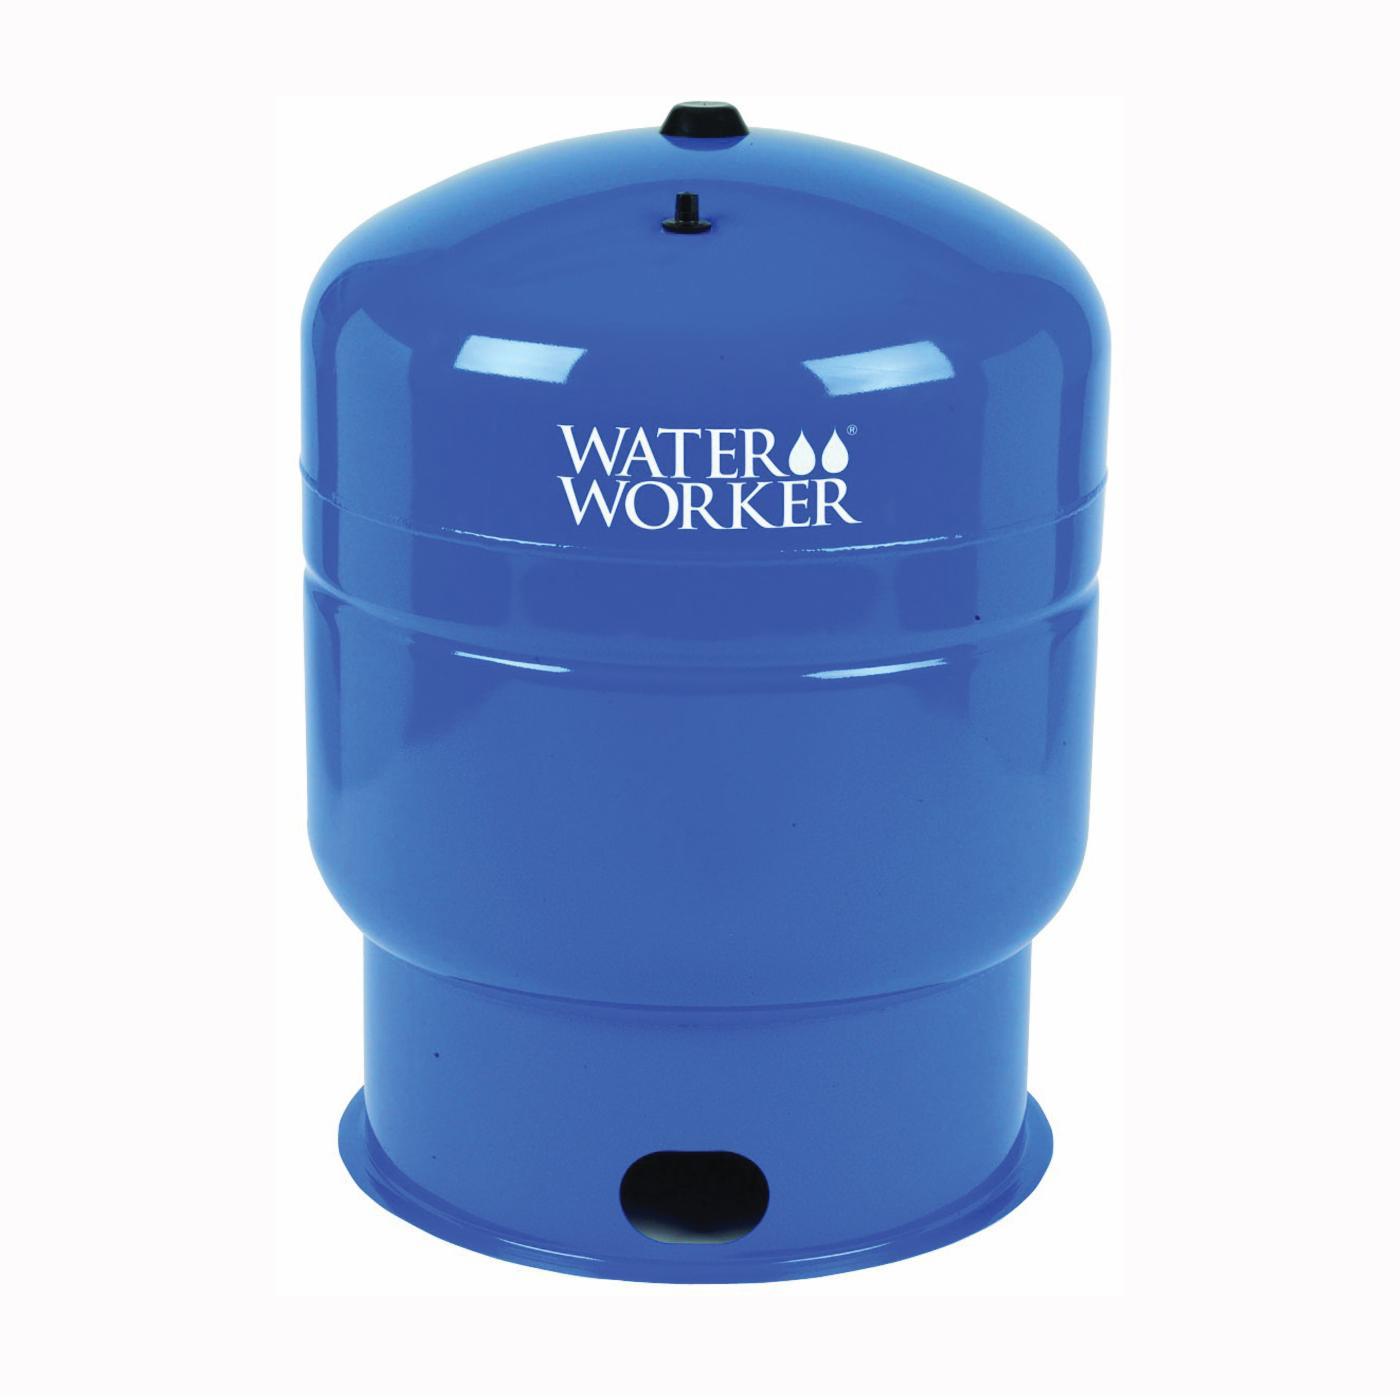 WATER WORKER HT86B